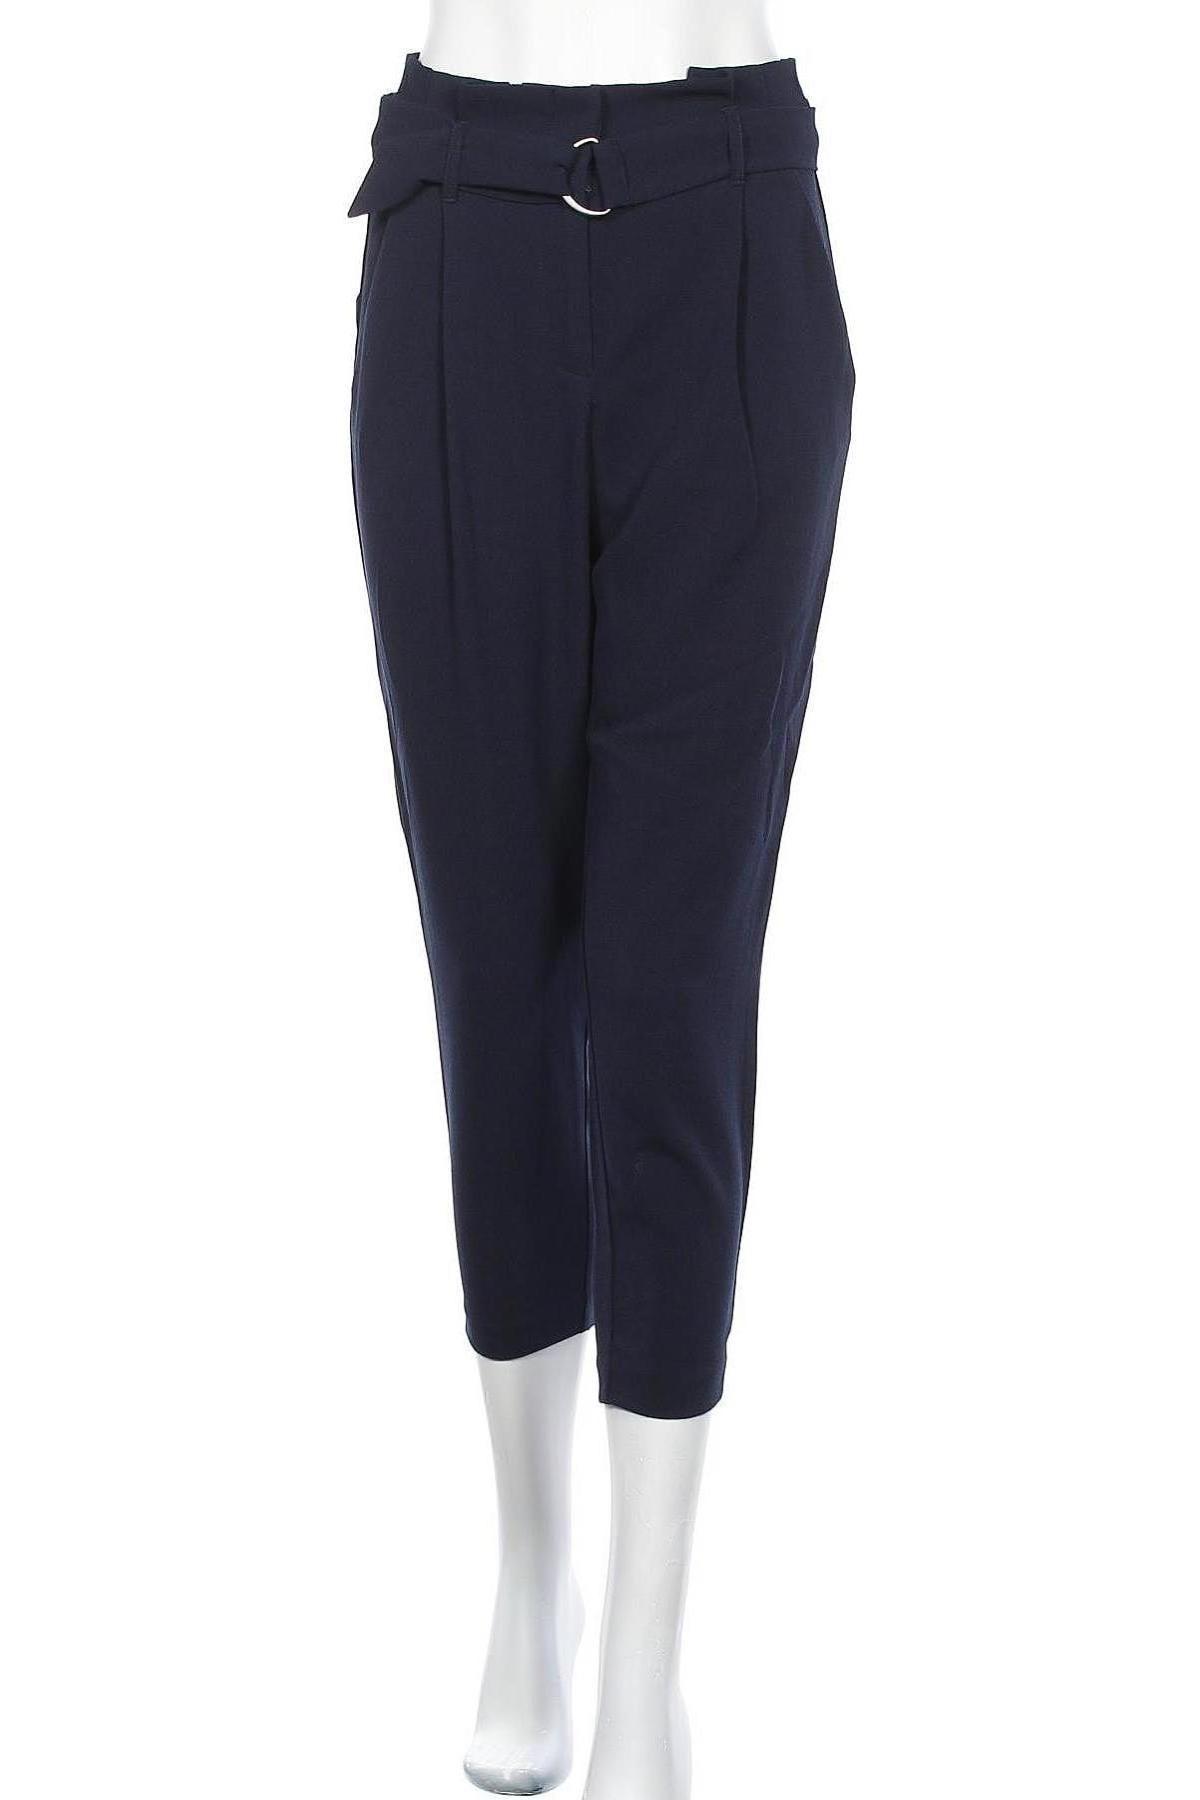 Дамски панталон ONLY, Размер S, Цвят Син, 97% полиестер, 3% еластан, Цена 13,42лв.